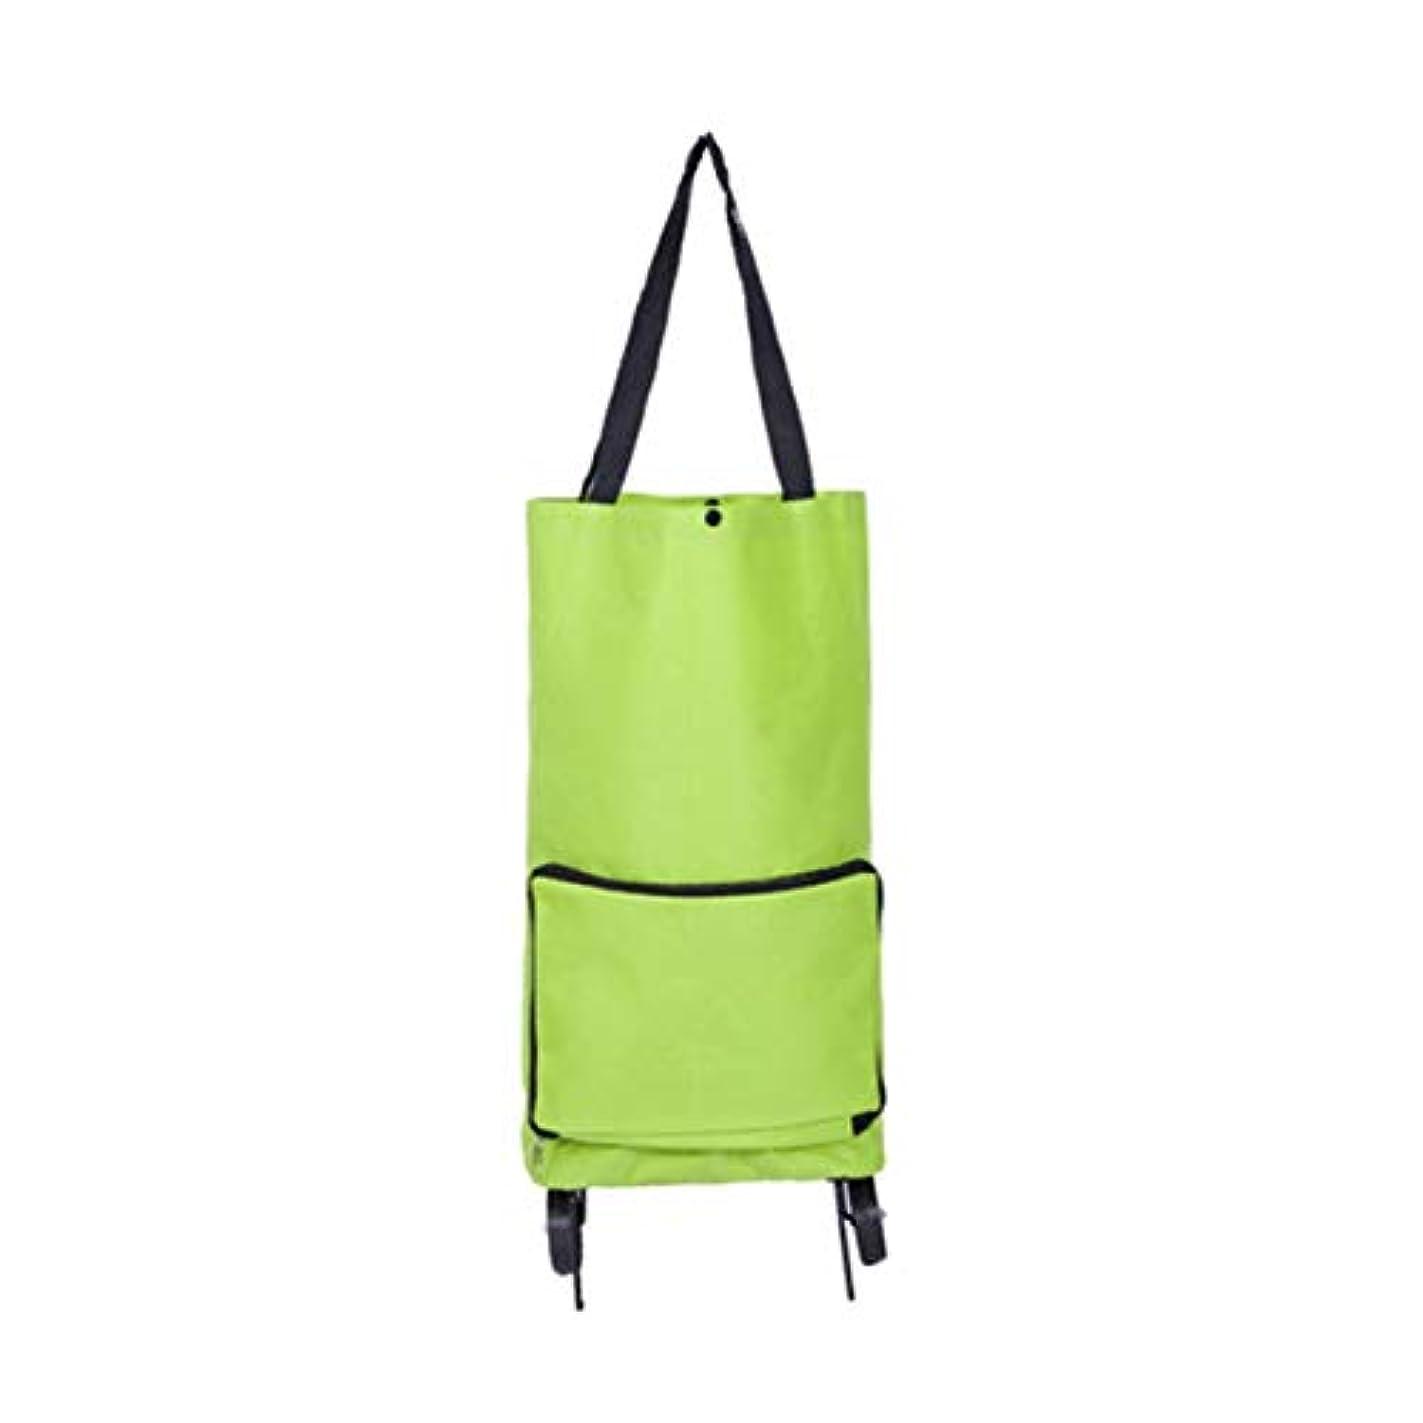 君主制圧倒的嫌悪Saikogoods 多機能防水オックスフォード布折り畳み式SupermarkerショッピングトロリーホイールバッグTravalカート荷物バッグ 緑